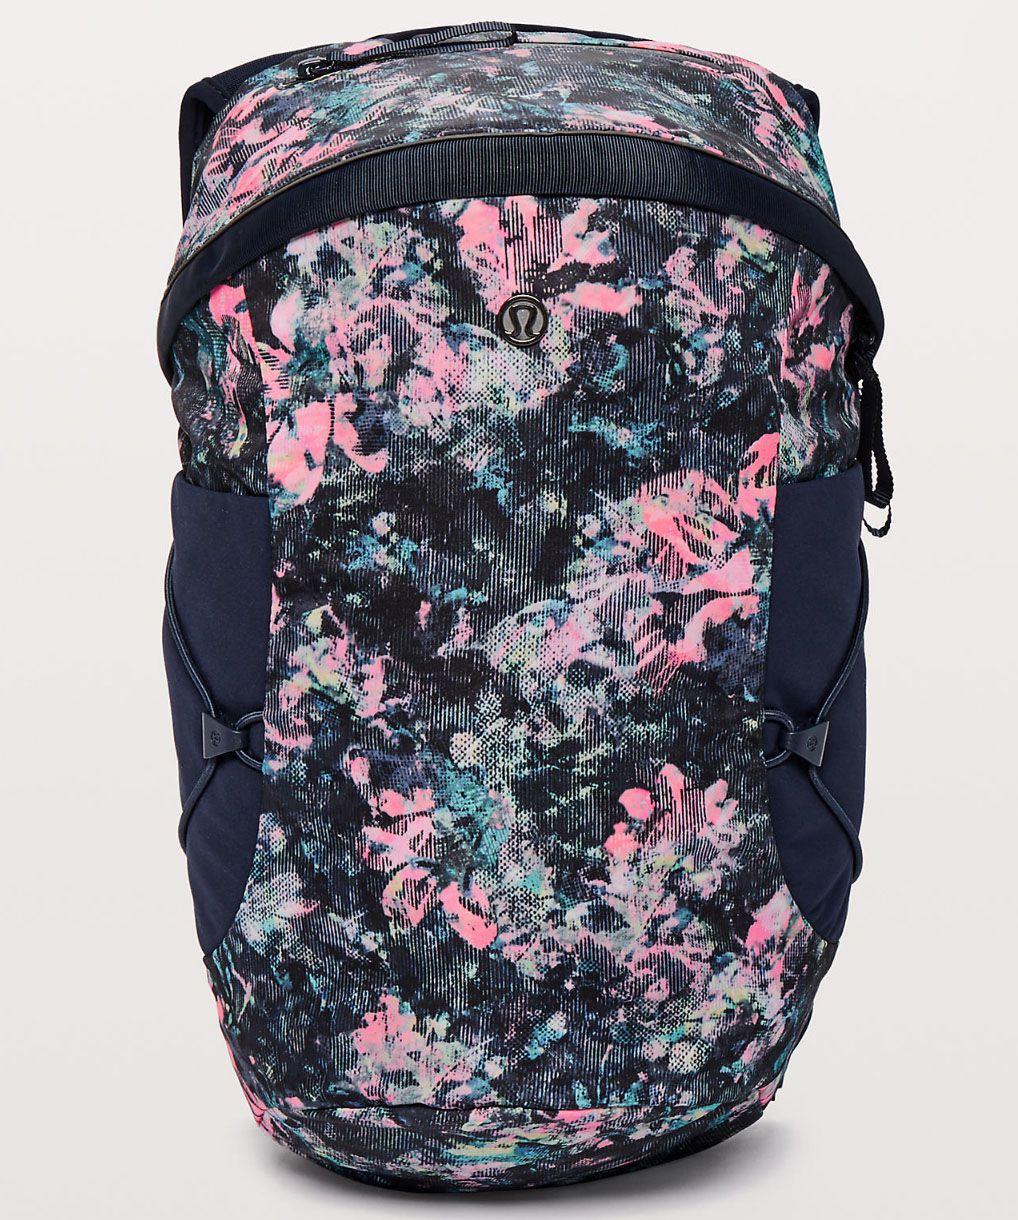 c966e4f6c5 Backpacks for Running